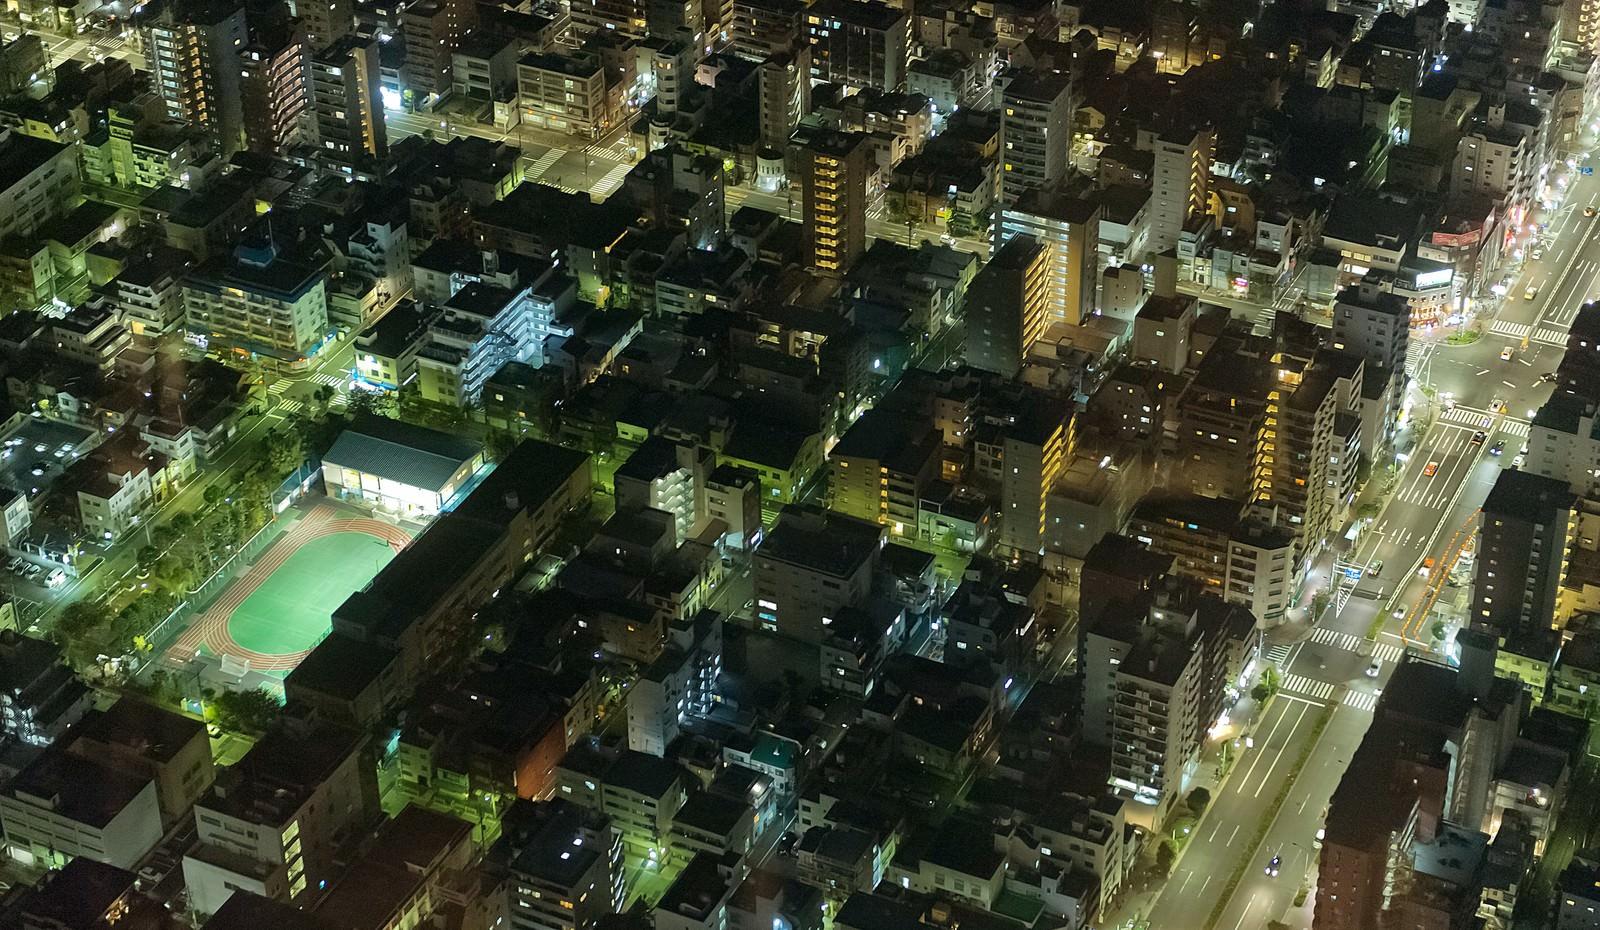 「シムシティのような街(夜景) | 写真の無料素材・フリー素材 - ぱくたそ」の写真